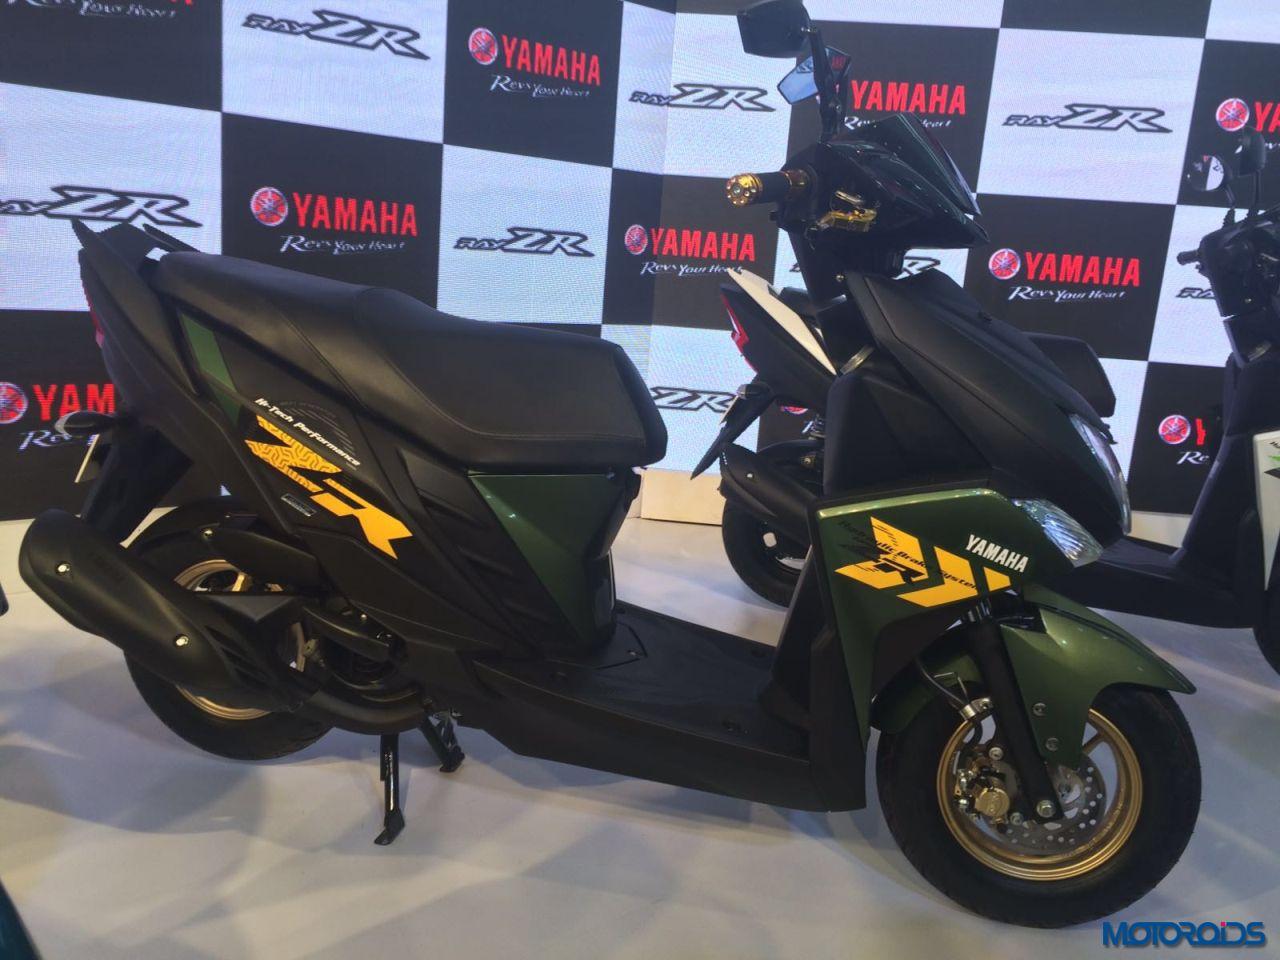 Yamaha Cygnus Ray-ZR Auto Expo 2016 (10)